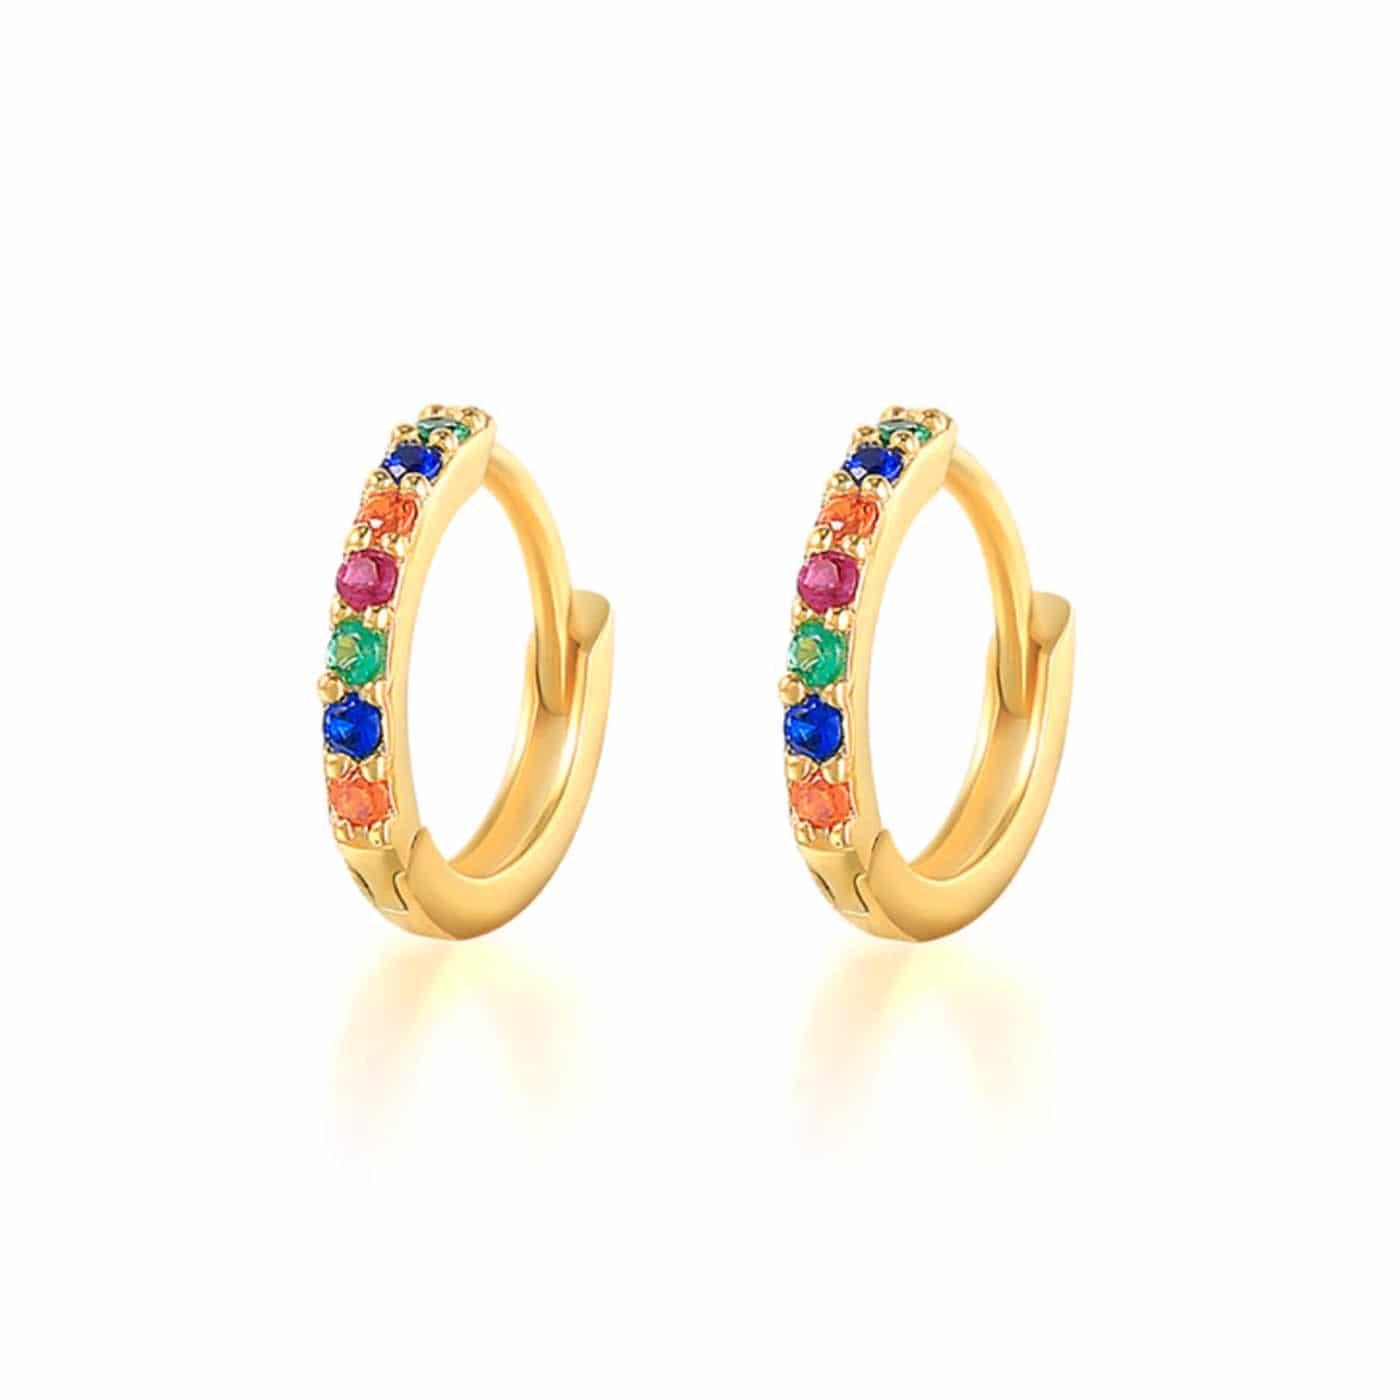 boucles d'oreilles Marianne gold